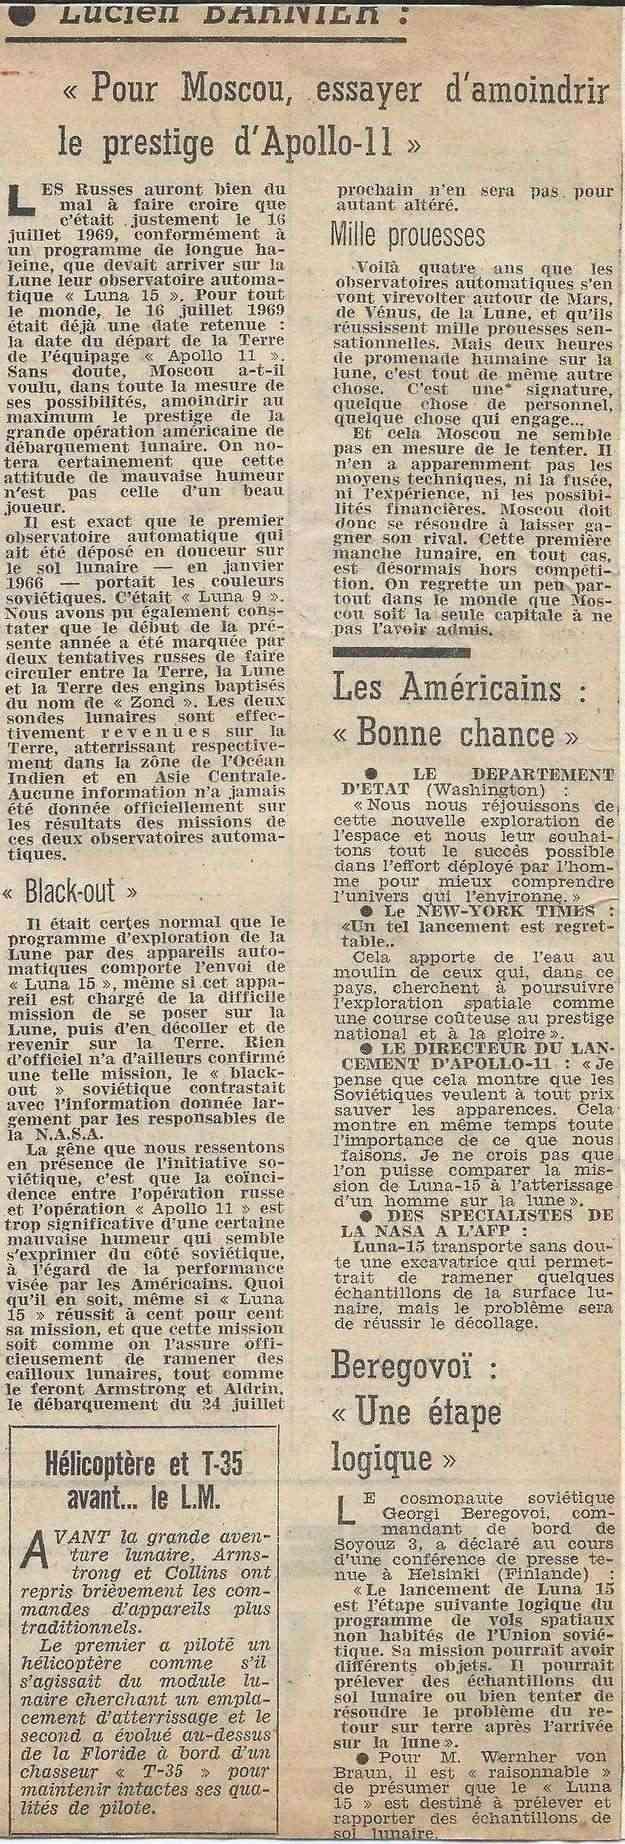 13 juillet 1969 - Luna 15, le joker soviétique 69071514